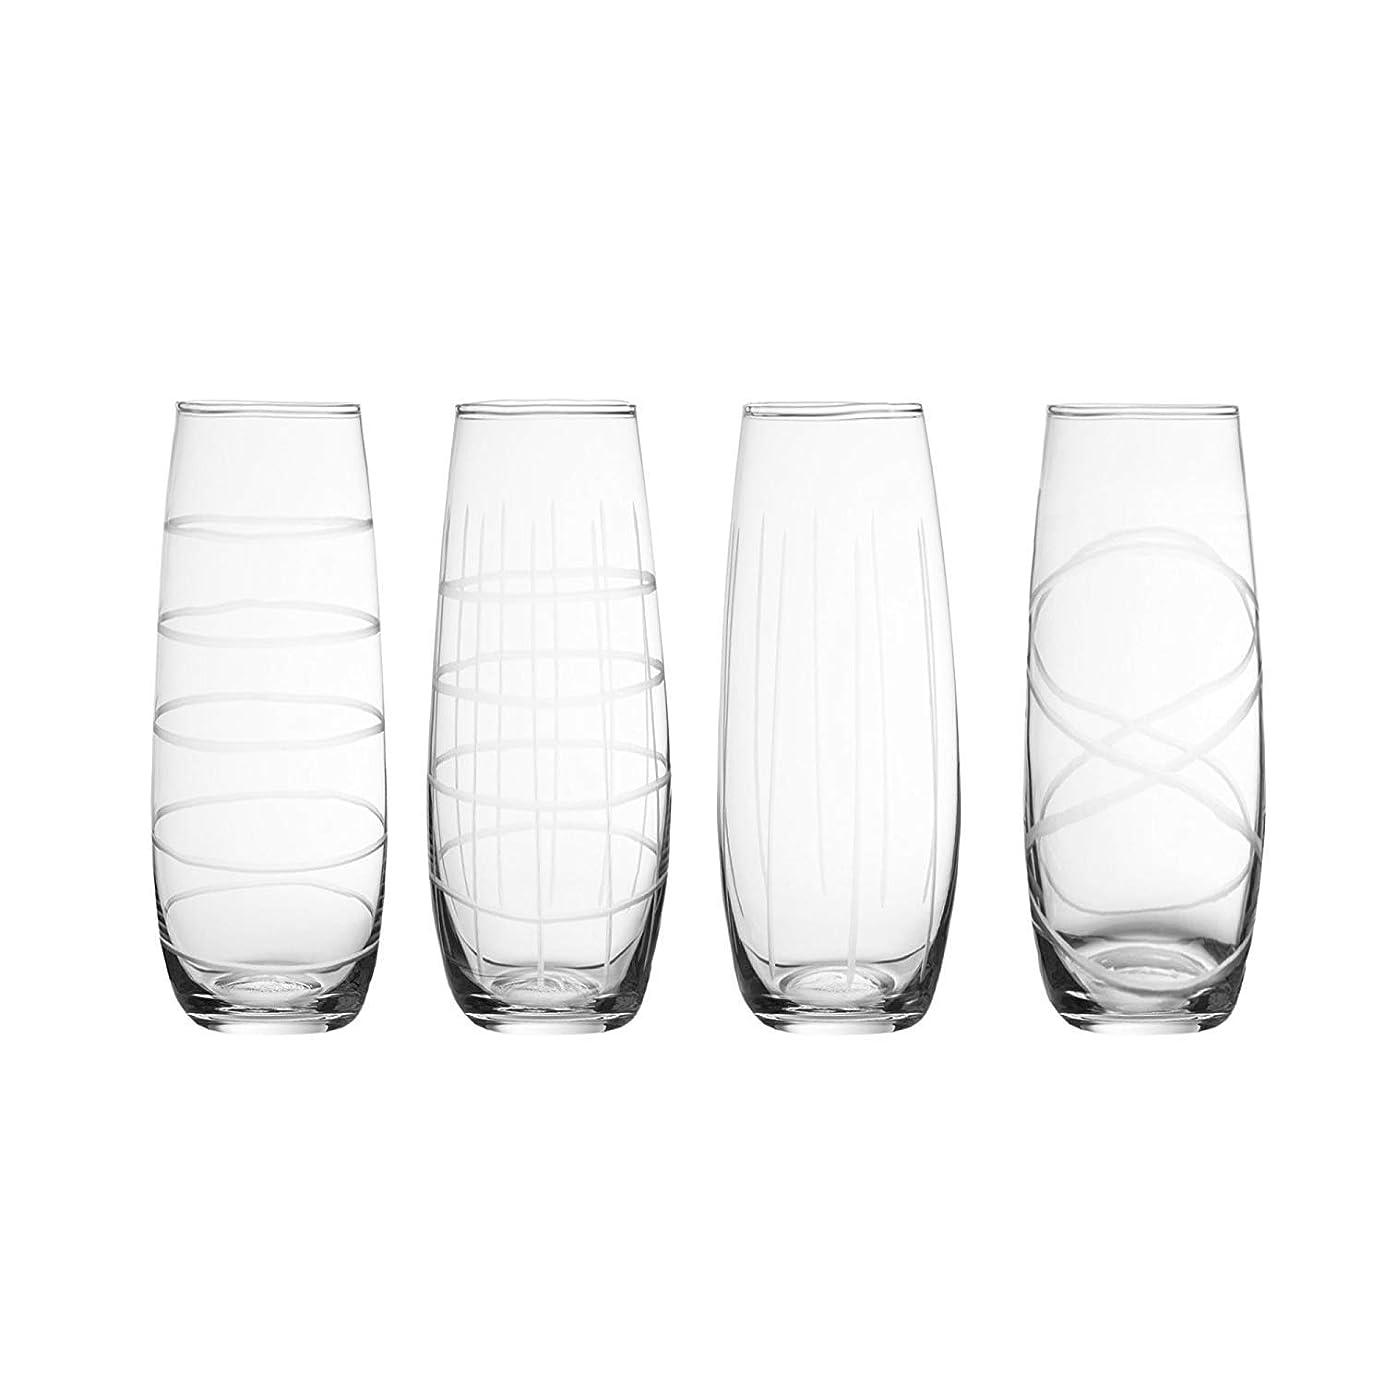 債務者お肉良心Metro ガラスステムレスフルート 4個セット 水/ワイン/ジュース/シャンパンなどに